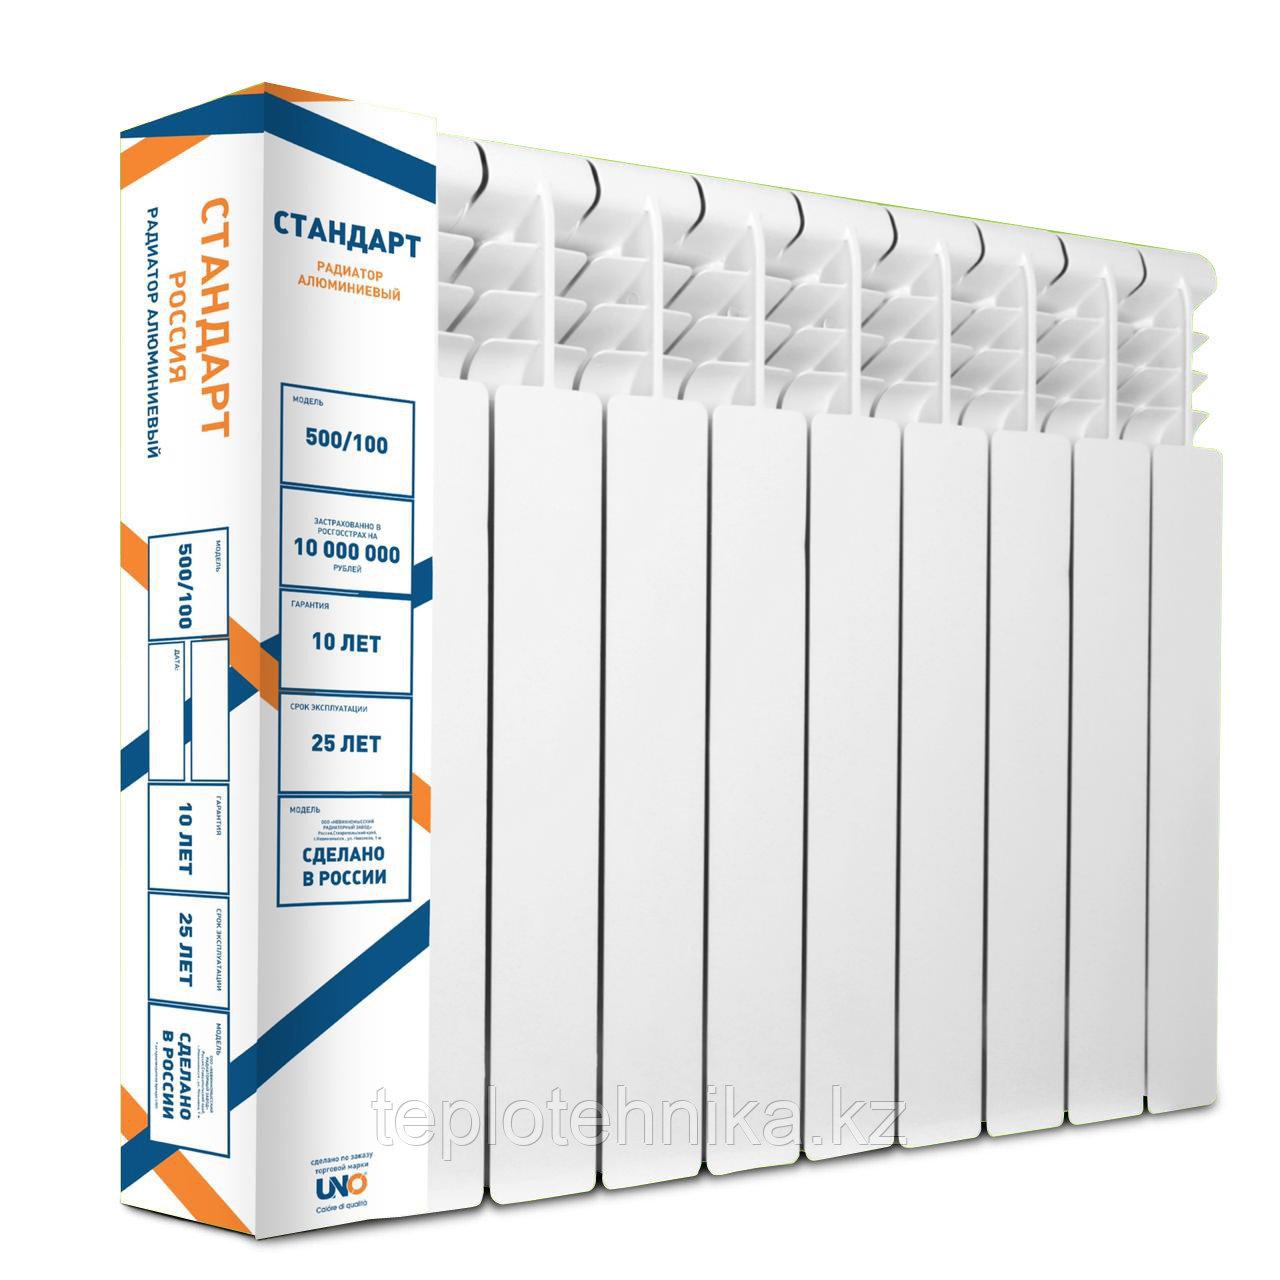 Алюминиевый радиатор СТАНДАРТ 500/100  (Россия)